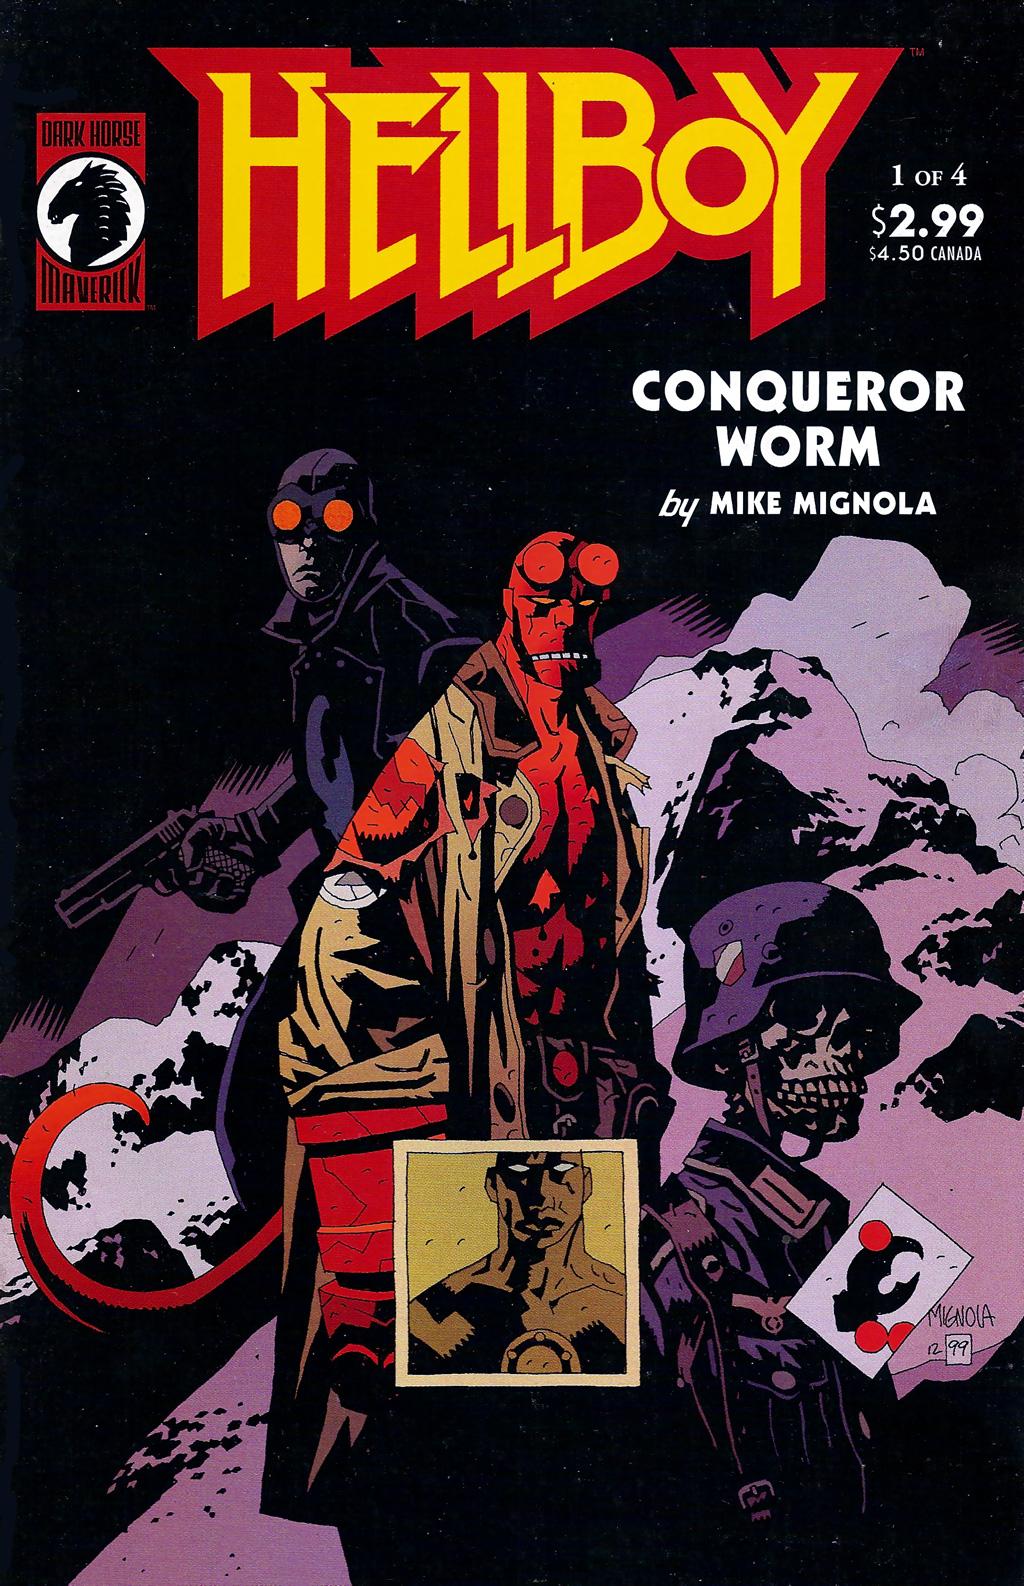 Conqueror Worm (story)